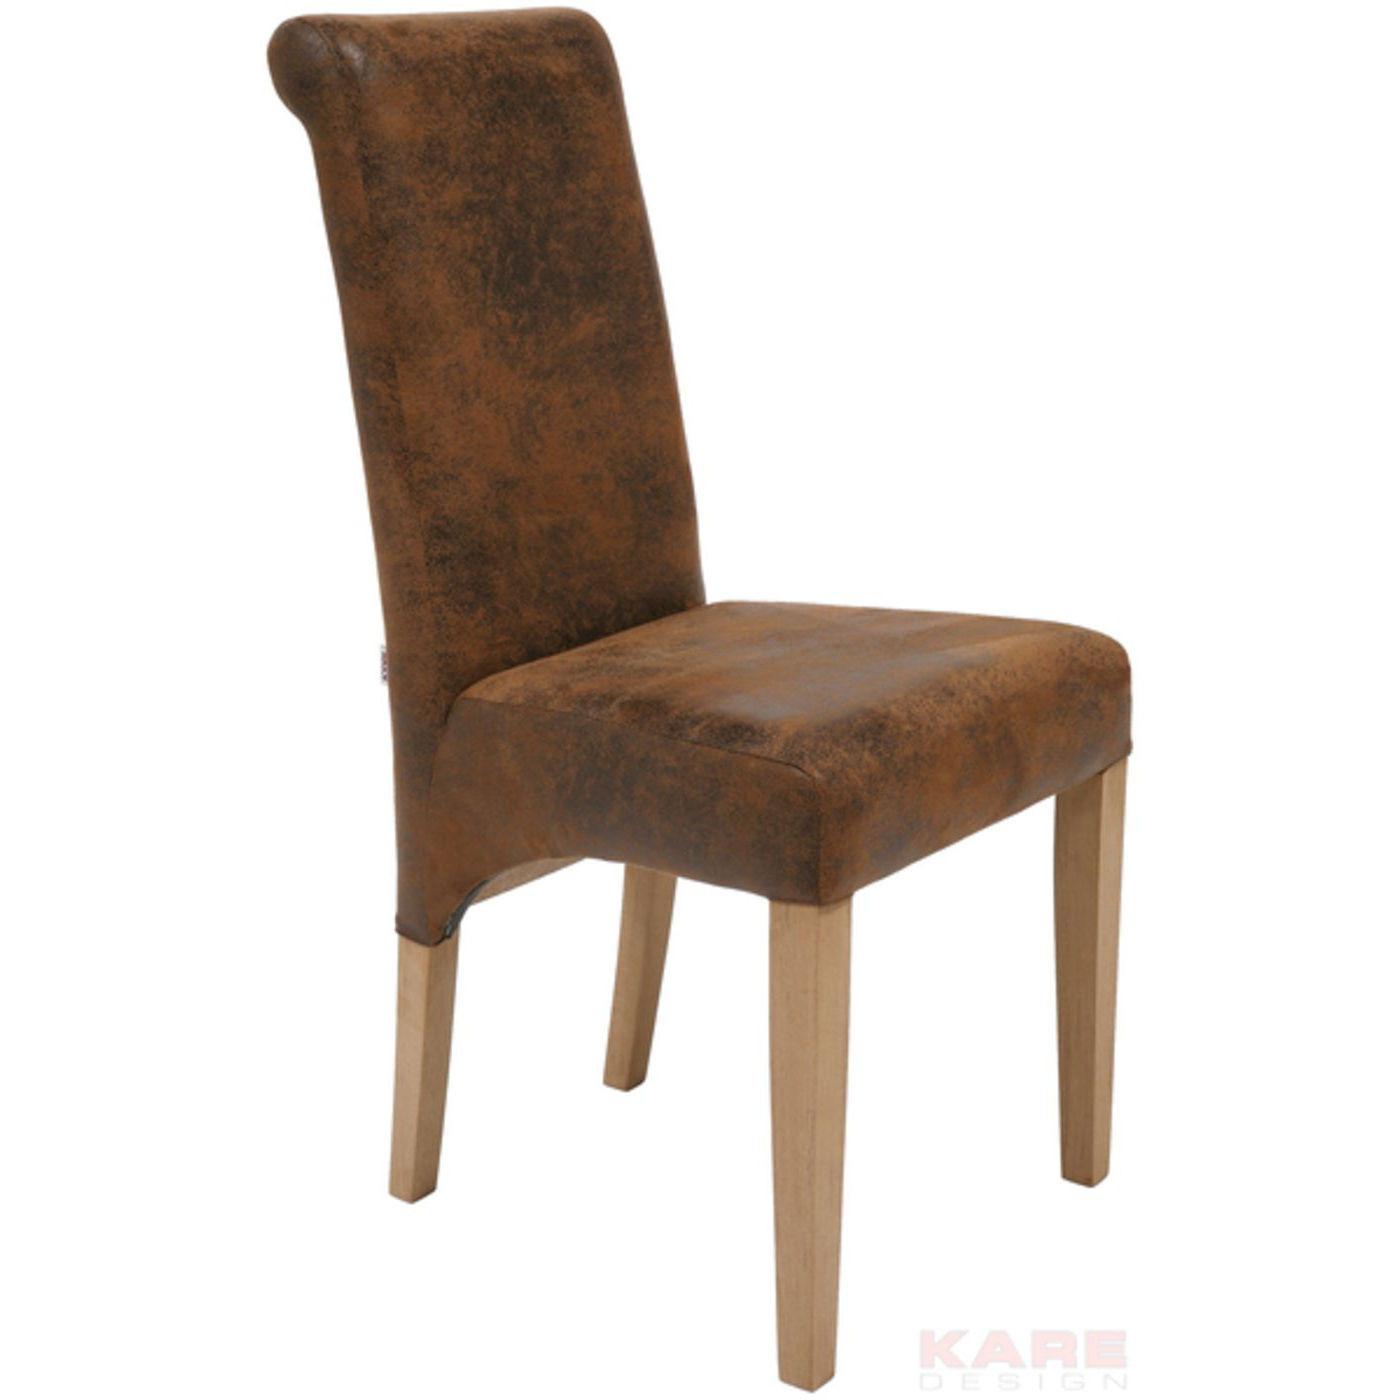 stuhl chiara teak vintage kare design mutoni m bel. Black Bedroom Furniture Sets. Home Design Ideas